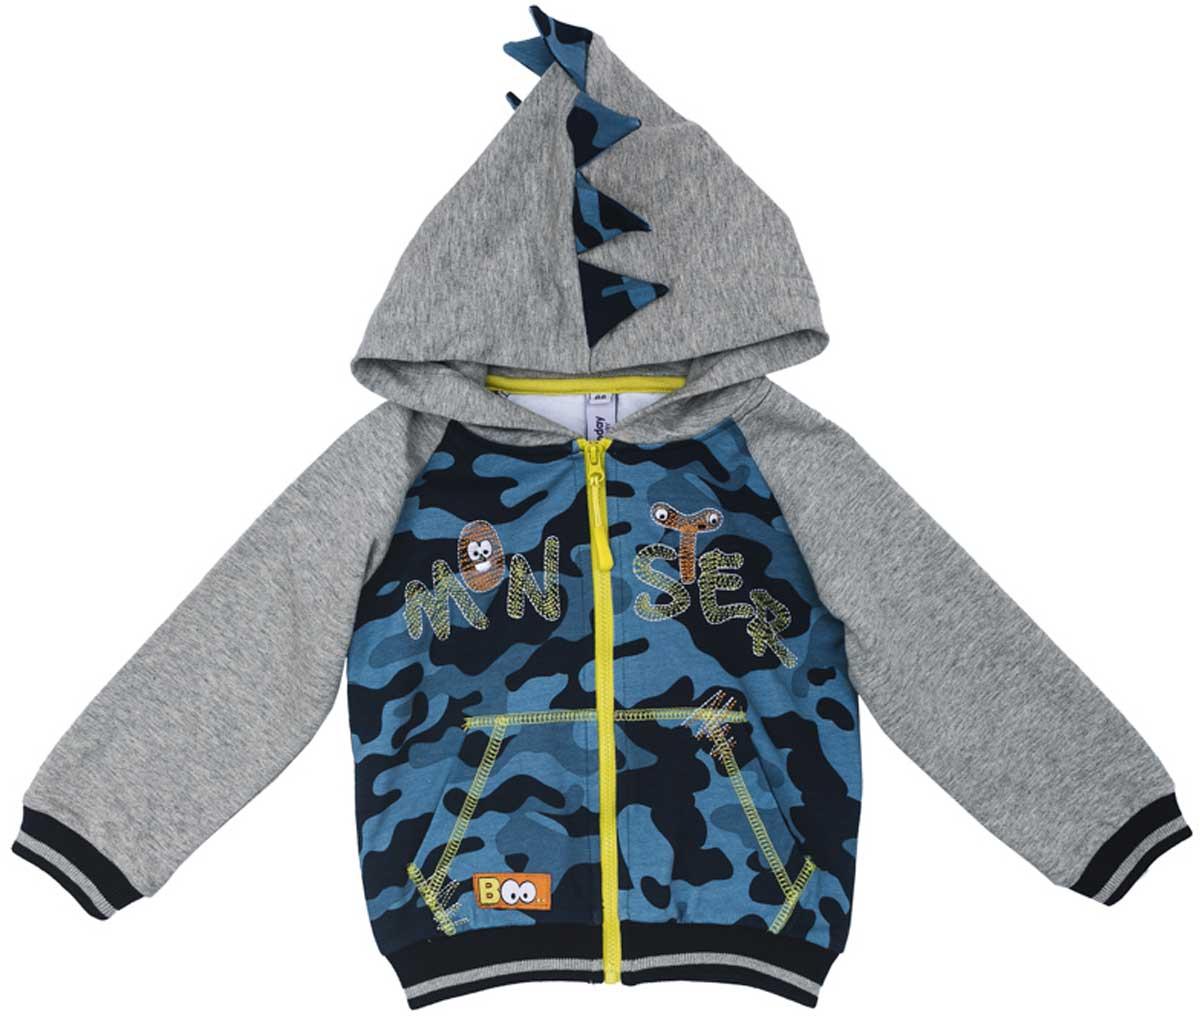 Толстовка для мальчика PlayToday, цвет: серый, голубой, черный. 177060. Размер 86